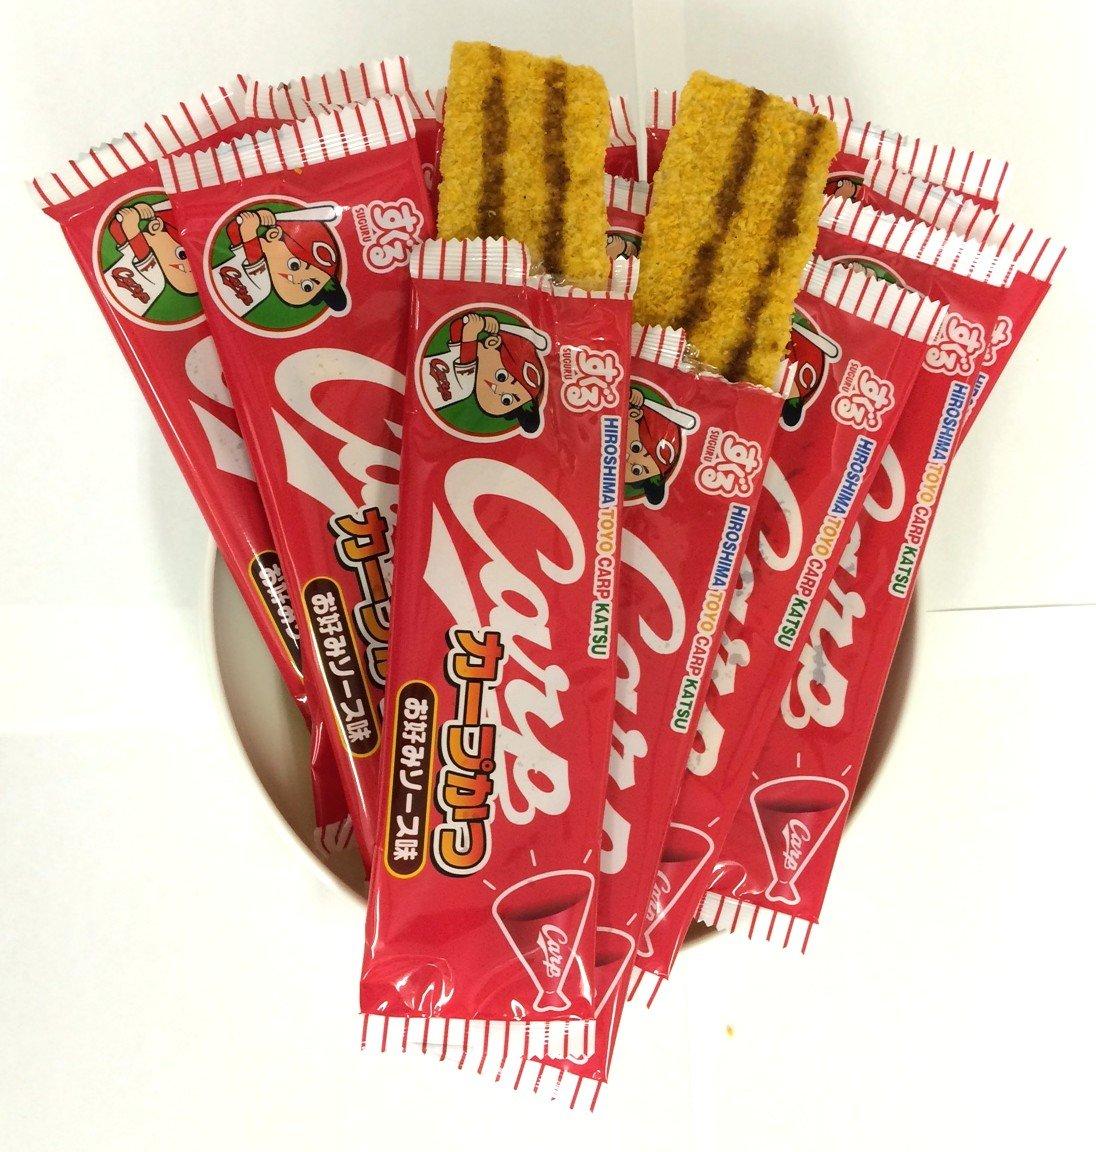 広島東洋カープかつ 16袋